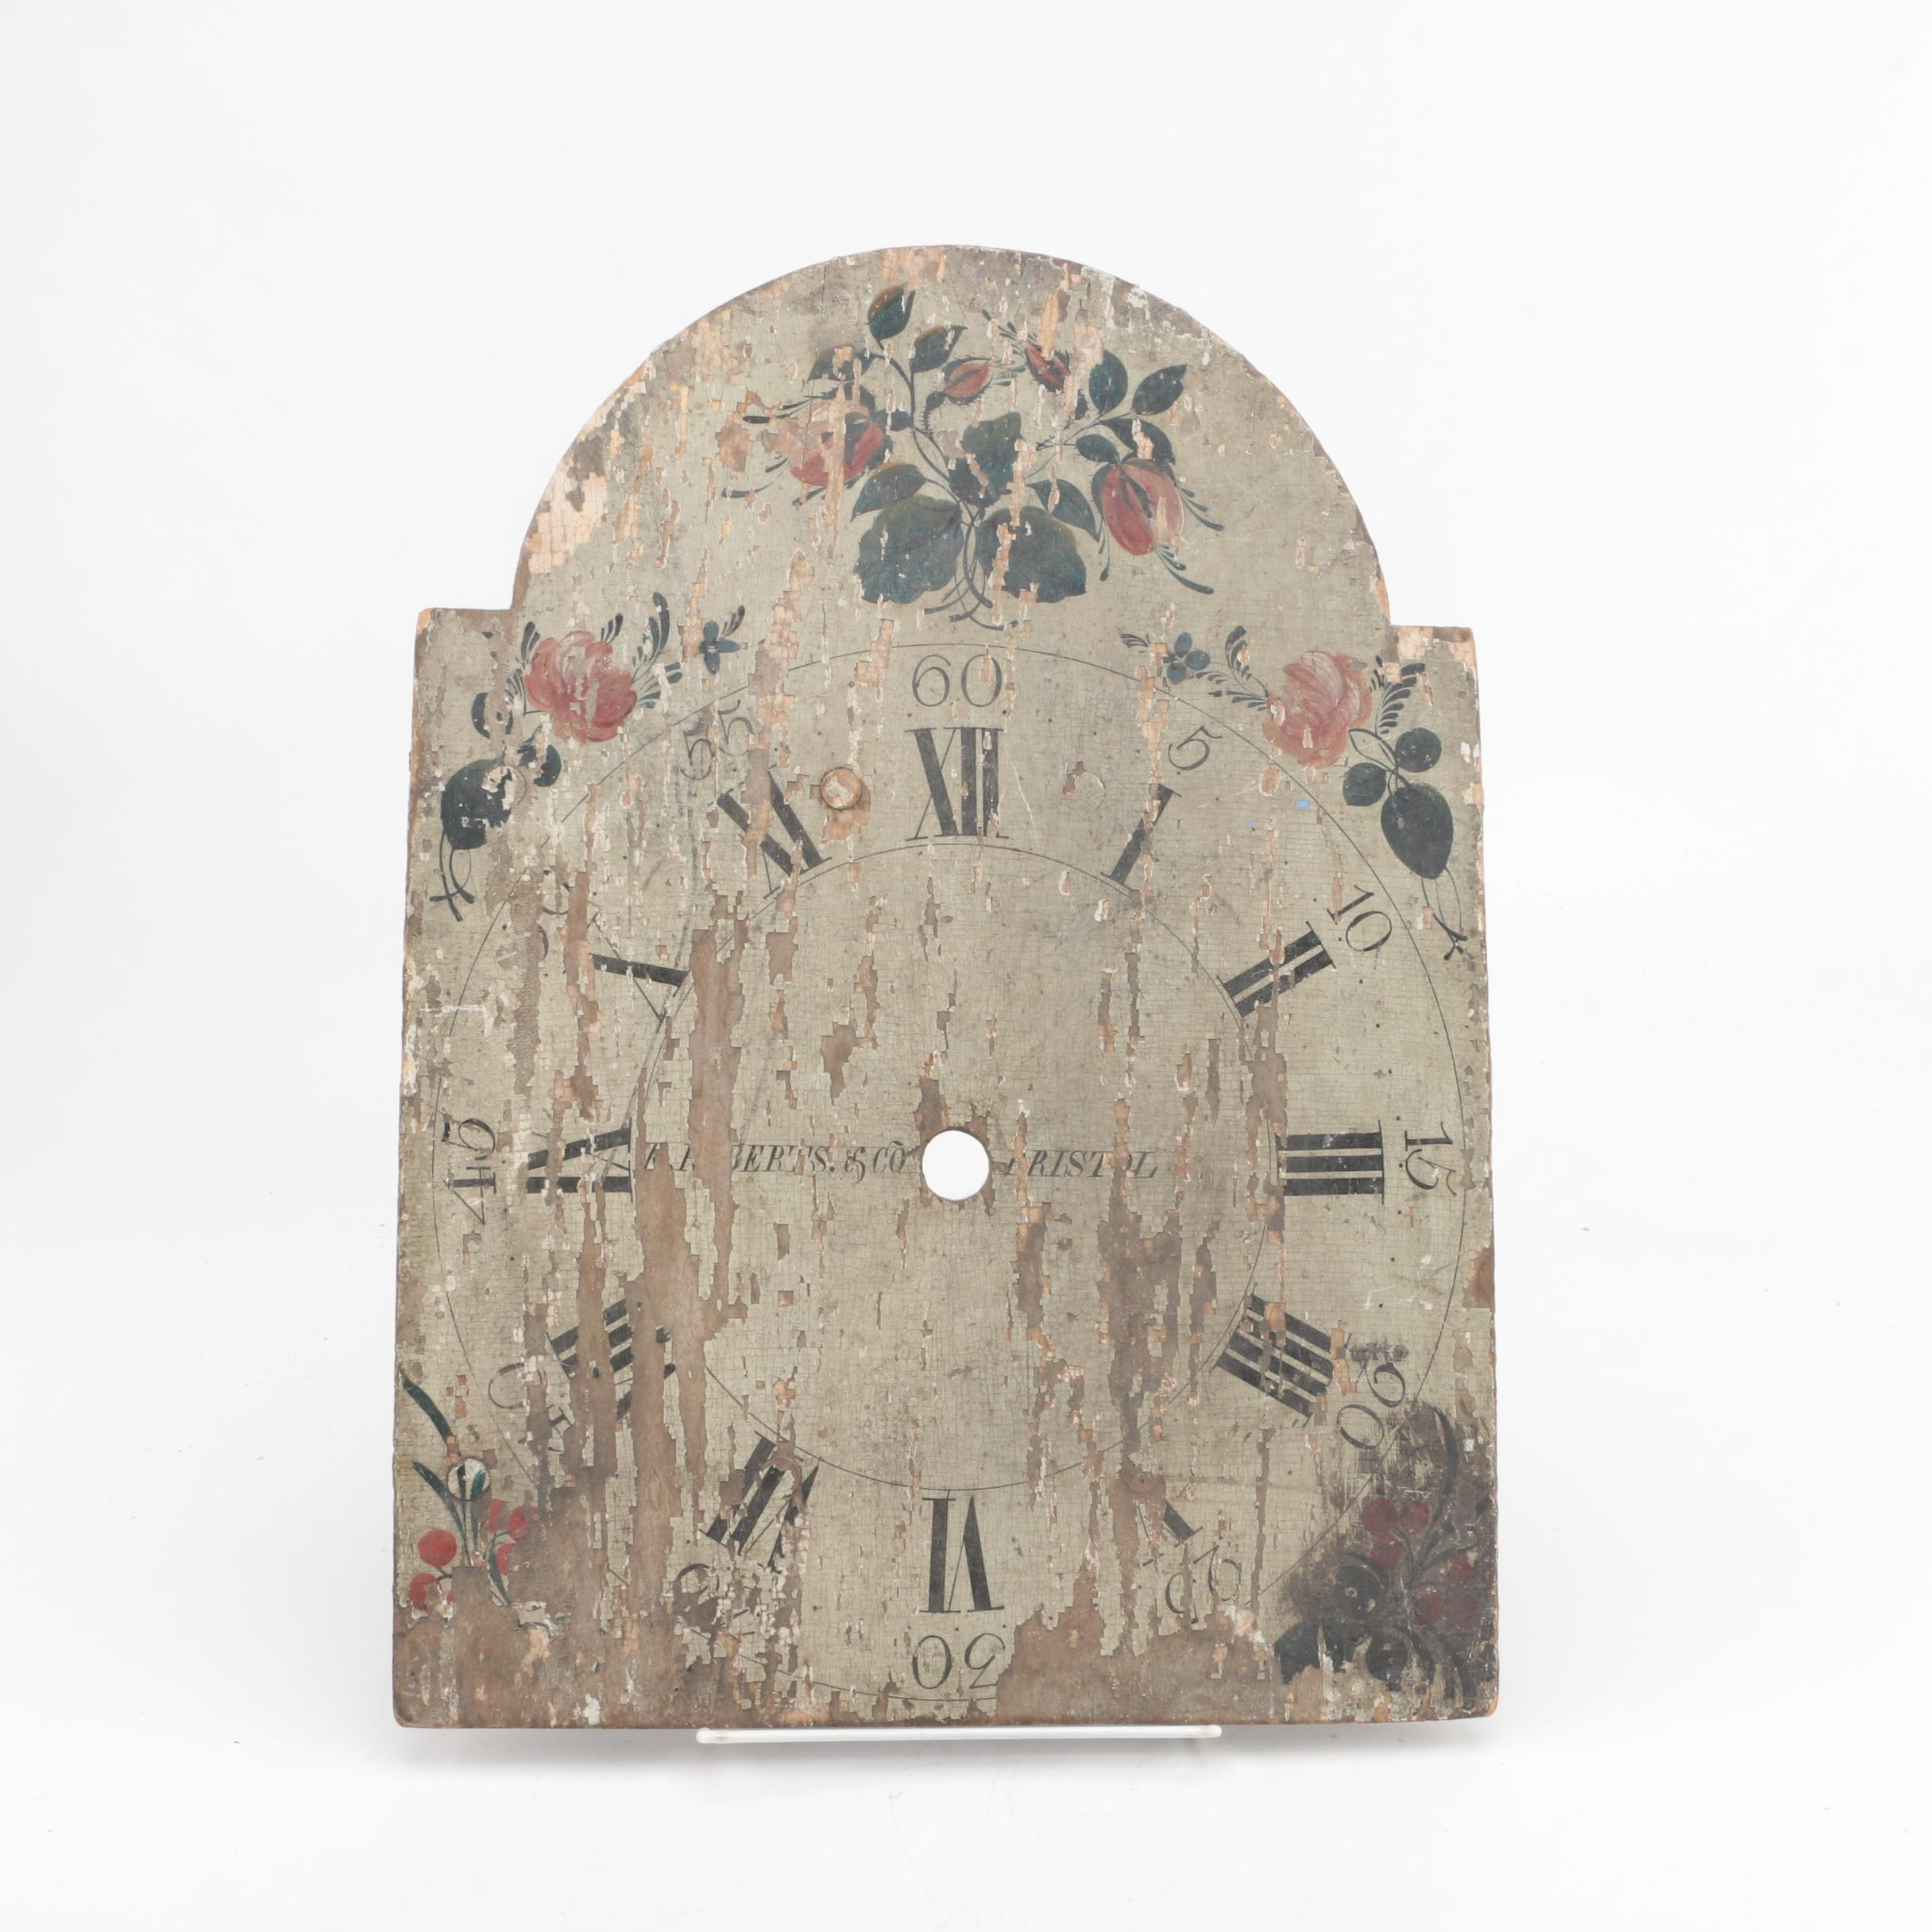 Wooden Gilbert & Sons Clock Face